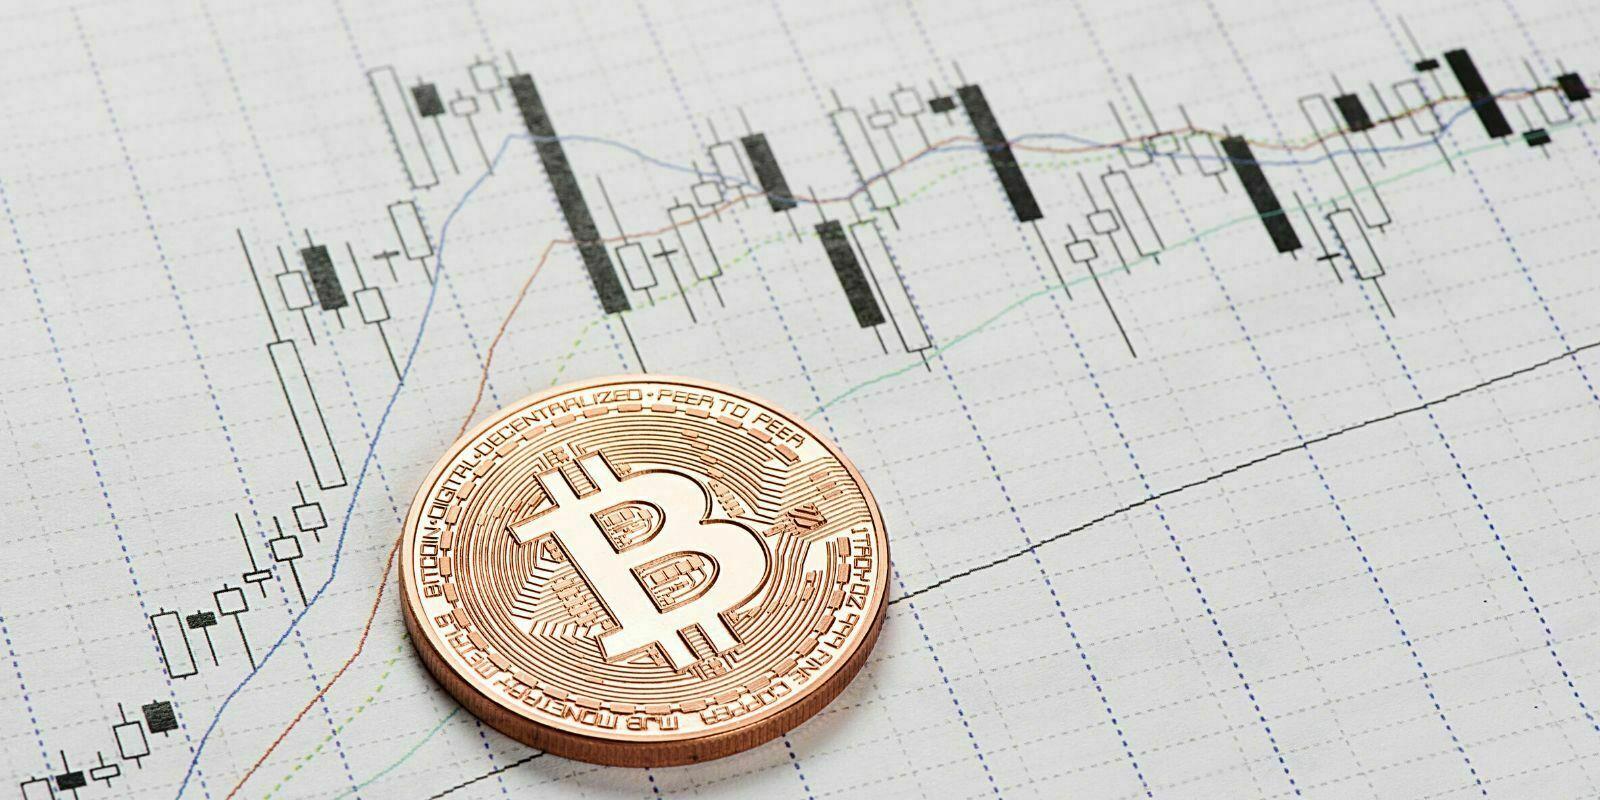 Le Bitcoin continue de stagner autour des 10 000$